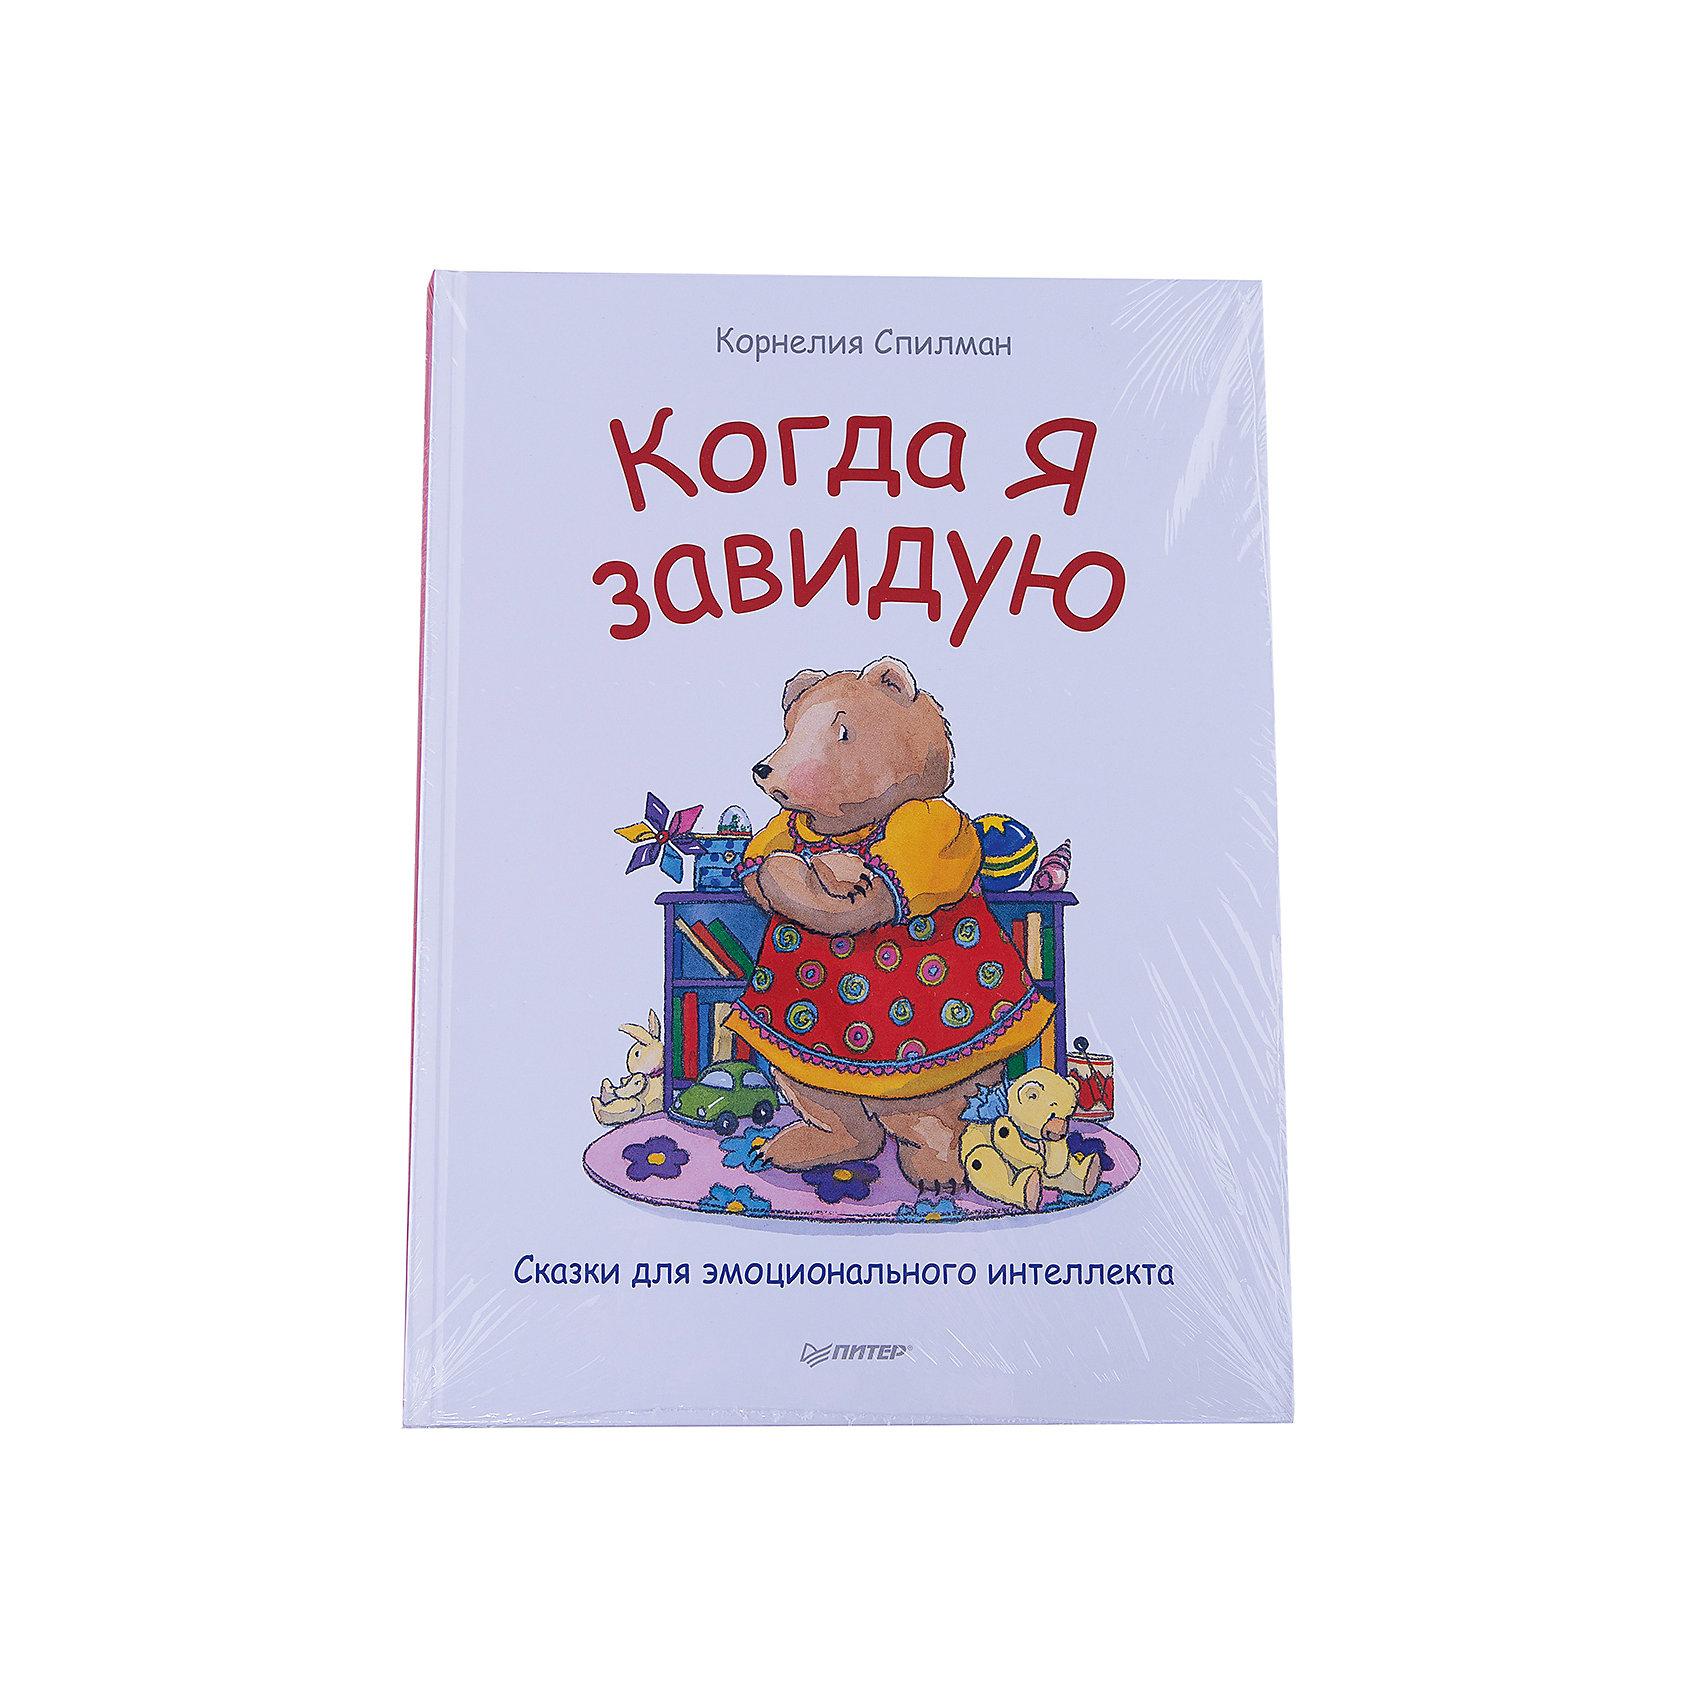 Когда я завидую, Сказки для эмоционального интеллекта, К. СпилманКниги для родителей<br>Когда я завидую, Сказки для эмоционального интеллекта, К. Спилман<br><br>Характеристики:<br><br>- издательство: Питер<br>- тип обложки: 7Б – твердая<br>- иллюстрации: цветные<br>- количество страниц: 24 <br>- формат: 22 * 30 см.<br>- вес: 350 гр.<br>- год издания: 2017<br><br>Множество эмоций дети воспринимают не так, как взрослые, а все потому, что дети просто не знают что с теми или иными эмоциями делать. Серия Сказки для эмоционального интеллекта предназначена для детей и их родителей и помогает разобраться в тех или иных эмоциях с помощью сказок. Книга «Когда я завидую» поможет родителям объяснить ребенку что чувство зависти может присутствовать у всех, но с ним можно и нужно работать. В начале книги дается содержательное предисловие для родителей о детской зависти, как снизить возможность возникновения зависти и как работать с этим чувством. Мишка из сказок расскажет малышу о том, что он чувствует, когда кто-то дрогой получает именно то, чего так давно хотел сам мишка, или каково это, когда кто-то другой привлекает внимание и получает похвалы окружающих. Детьми сказки воспринимаются легко и непринужденно, помогая прорабатывать свои личные чувства глядя на них другими глазами. Книга дает ценные советы по принятию чувств и эмоций.<br><br>Книгу Когда я завидую, Сказки для эмоционального интеллекта, К. Спилман можно купить в нашем интернет-магазине.<br><br>Ширина мм: 298<br>Глубина мм: 221<br>Высота мм: 4<br>Вес г: 342<br>Возраст от месяцев: 36<br>Возраст до месяцев: 84<br>Пол: Унисекс<br>Возраст: Детский<br>SKU: 5199691